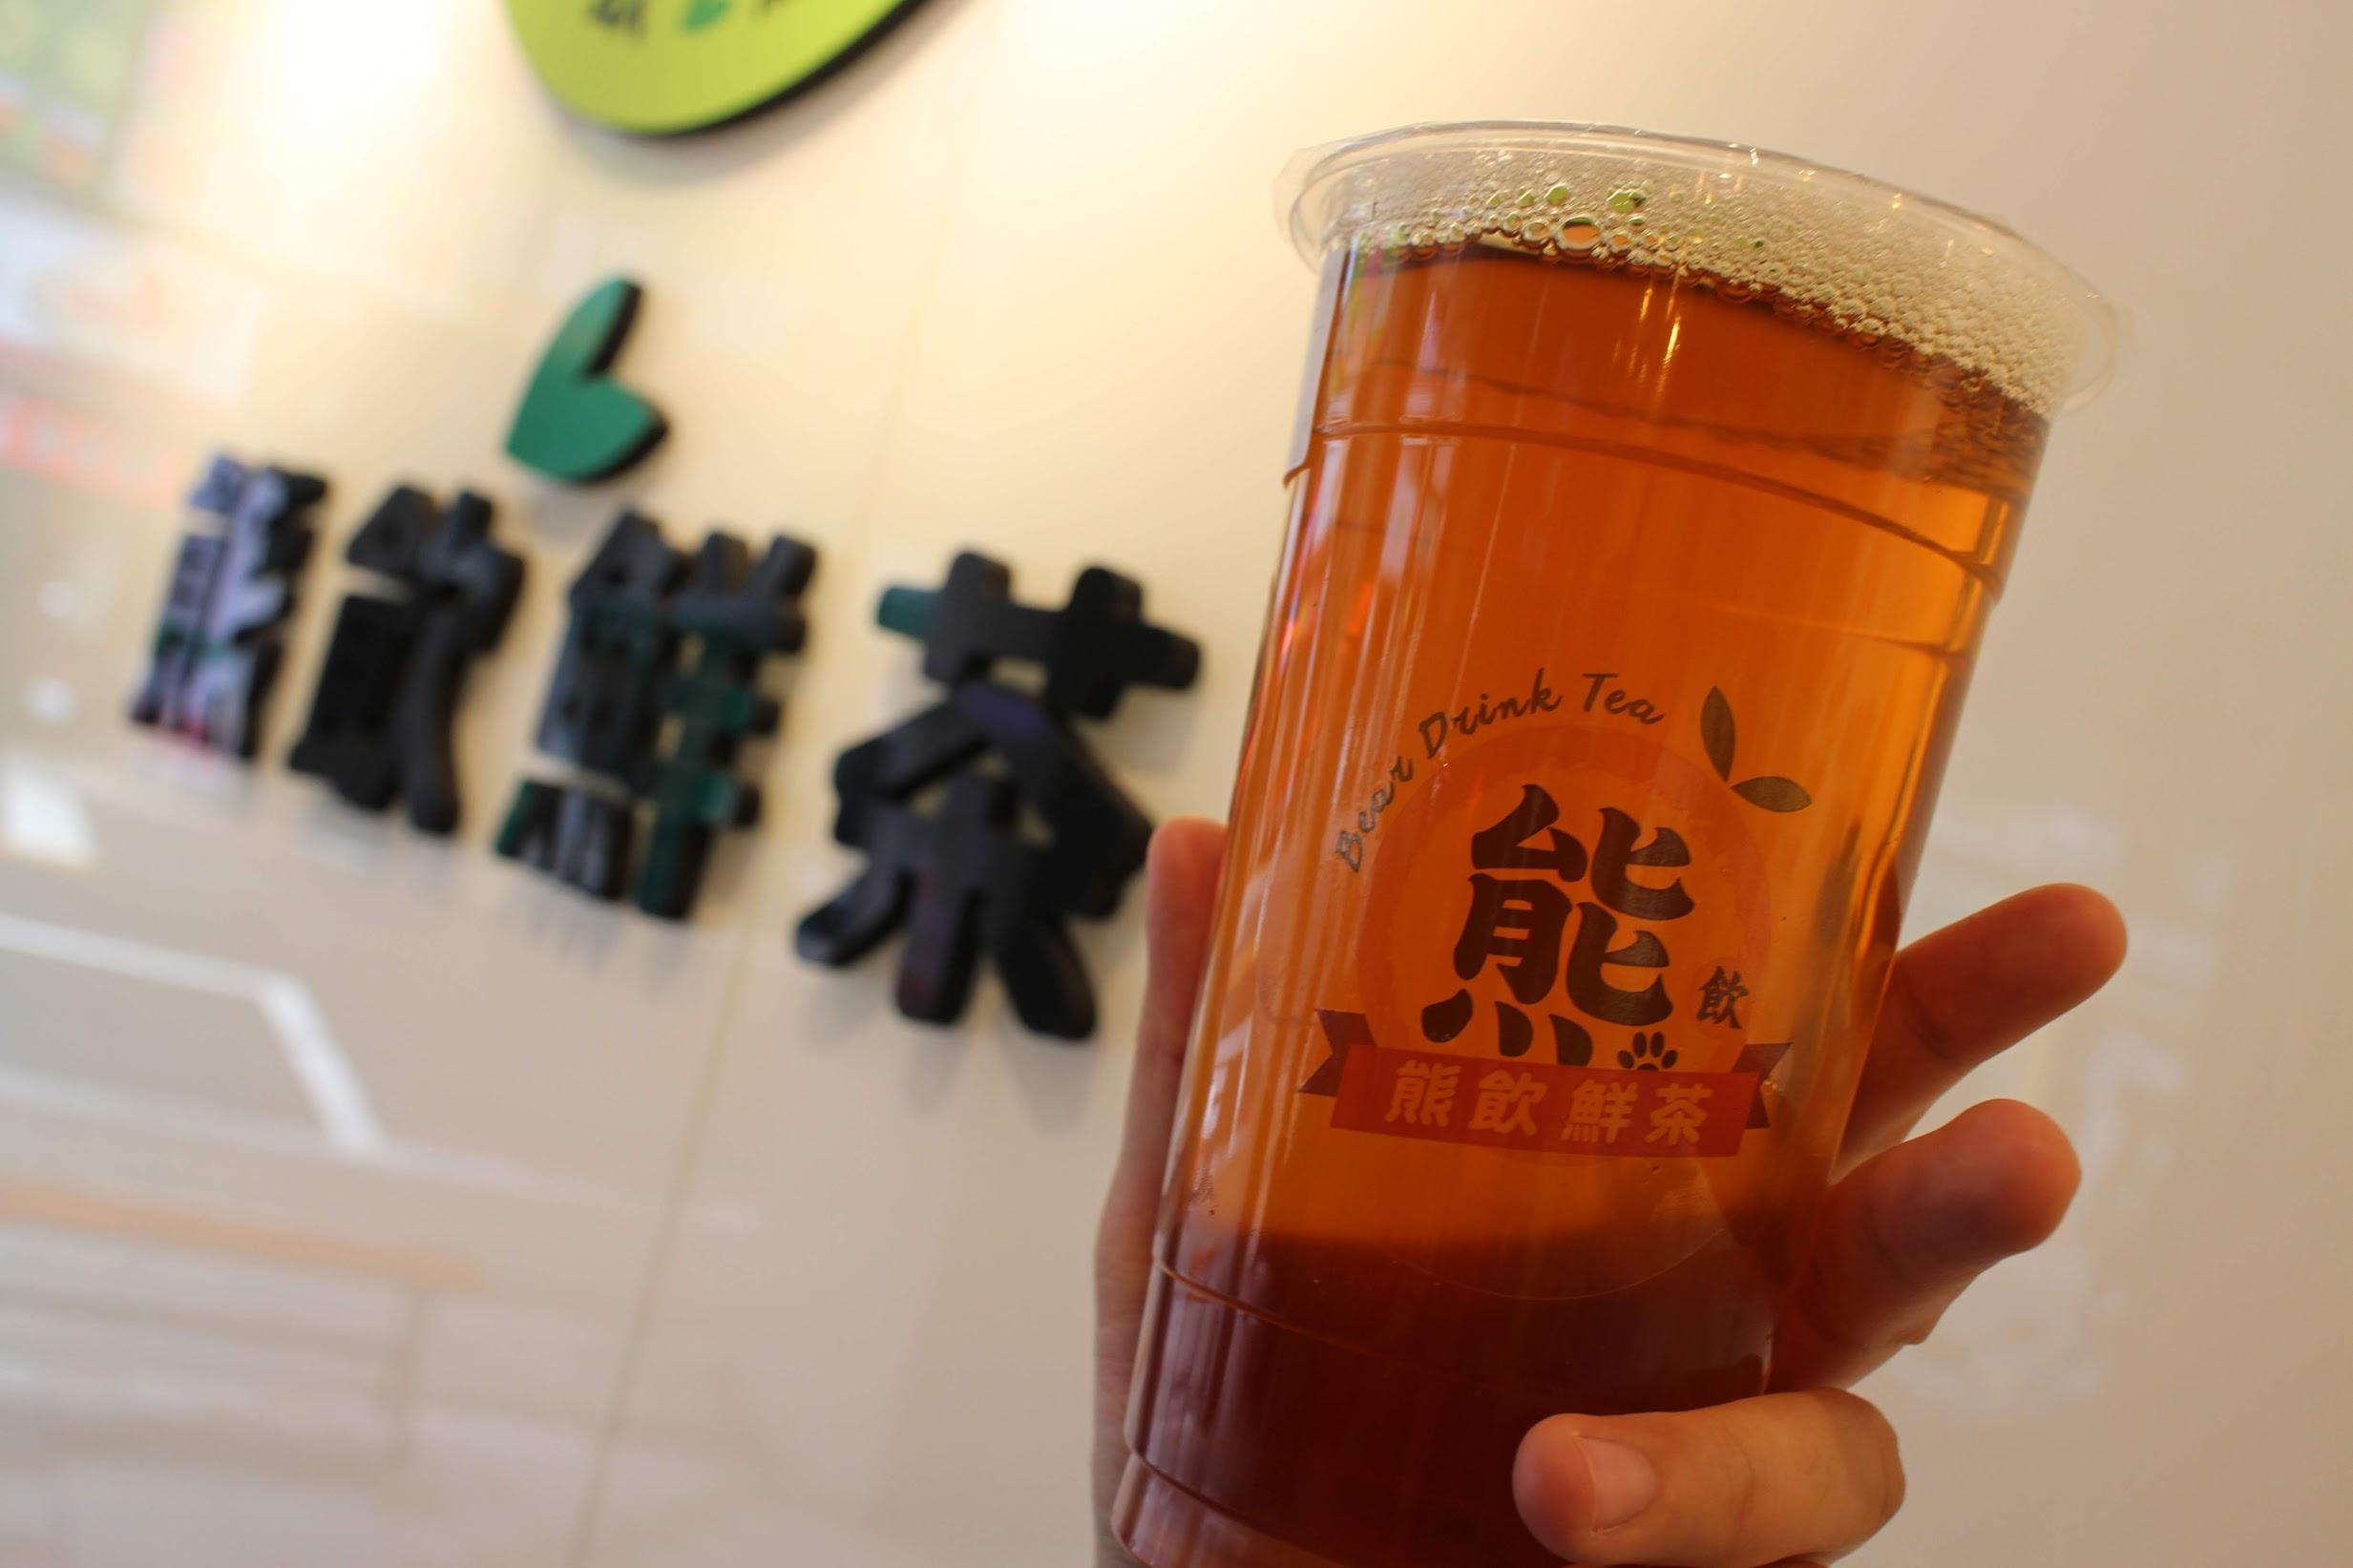 新莊手搖飲料店【熊飲鮮茶】-回歸健康原始喝茶初衷 @秤瓶樂遊遊